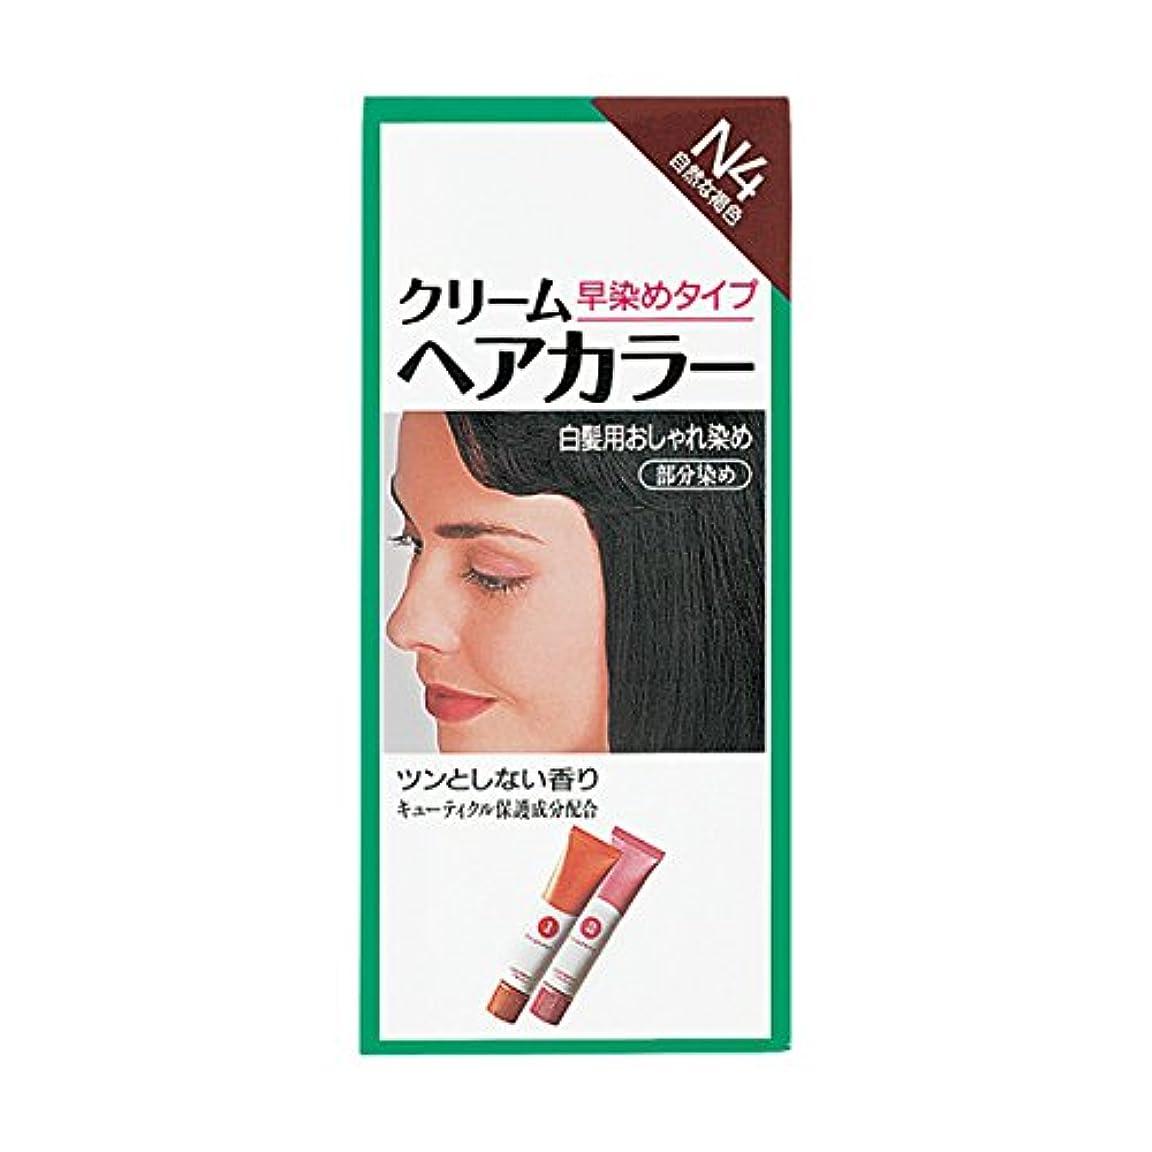 聖職者に装備するヘアカラー クリームヘアカラーN N4 【医薬部外品】